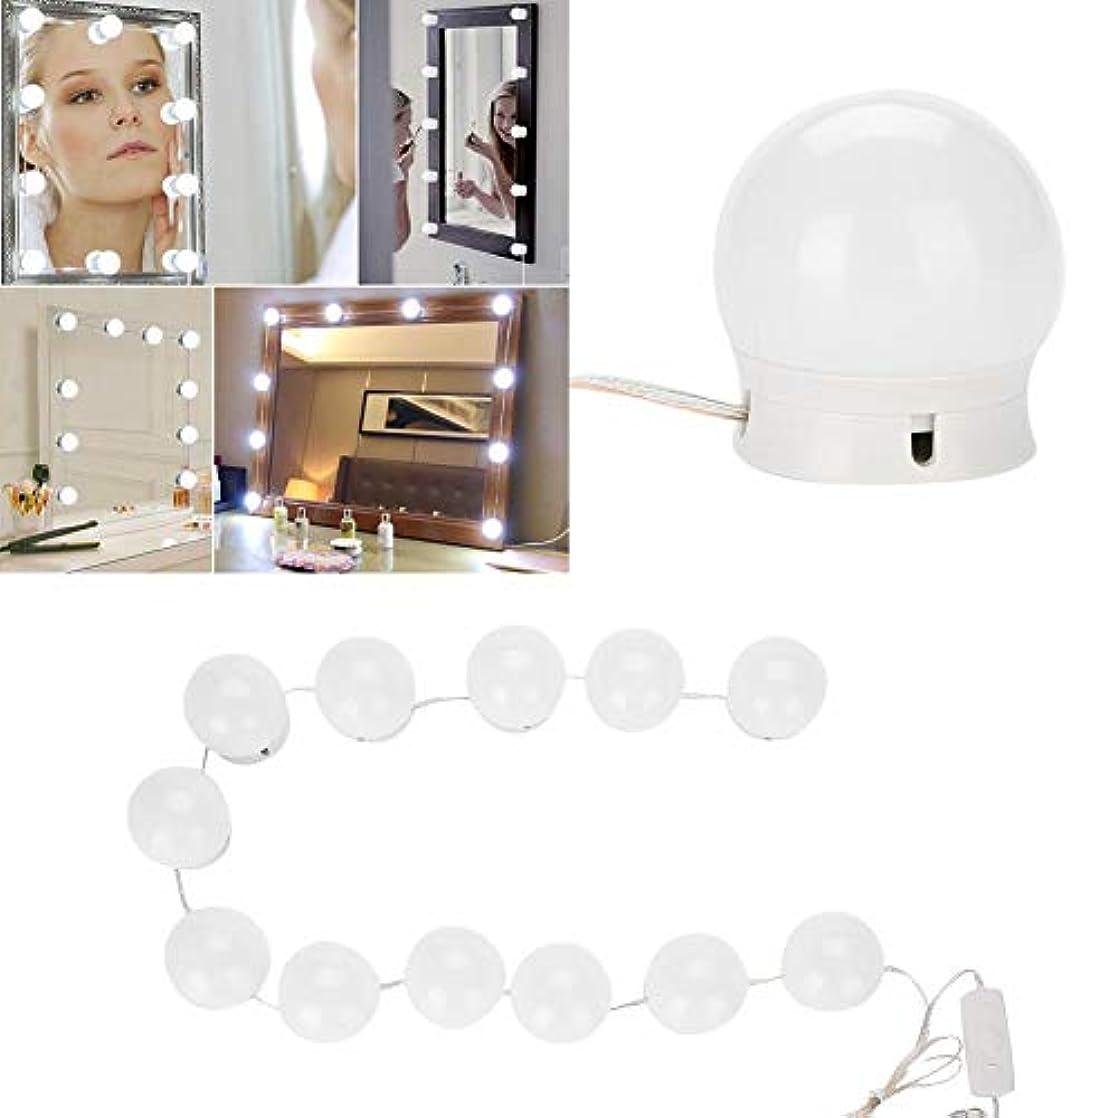 通行料金もつれ限定Semme LEDの虚栄心ミラーライトキット、化粧鏡のためのハリウッドの化粧鏡ライトストリップ調光対応電球ドレッシング、化粧品、浴室のためのDIY装飾照明設備ストリップ(鏡はIncではありません)